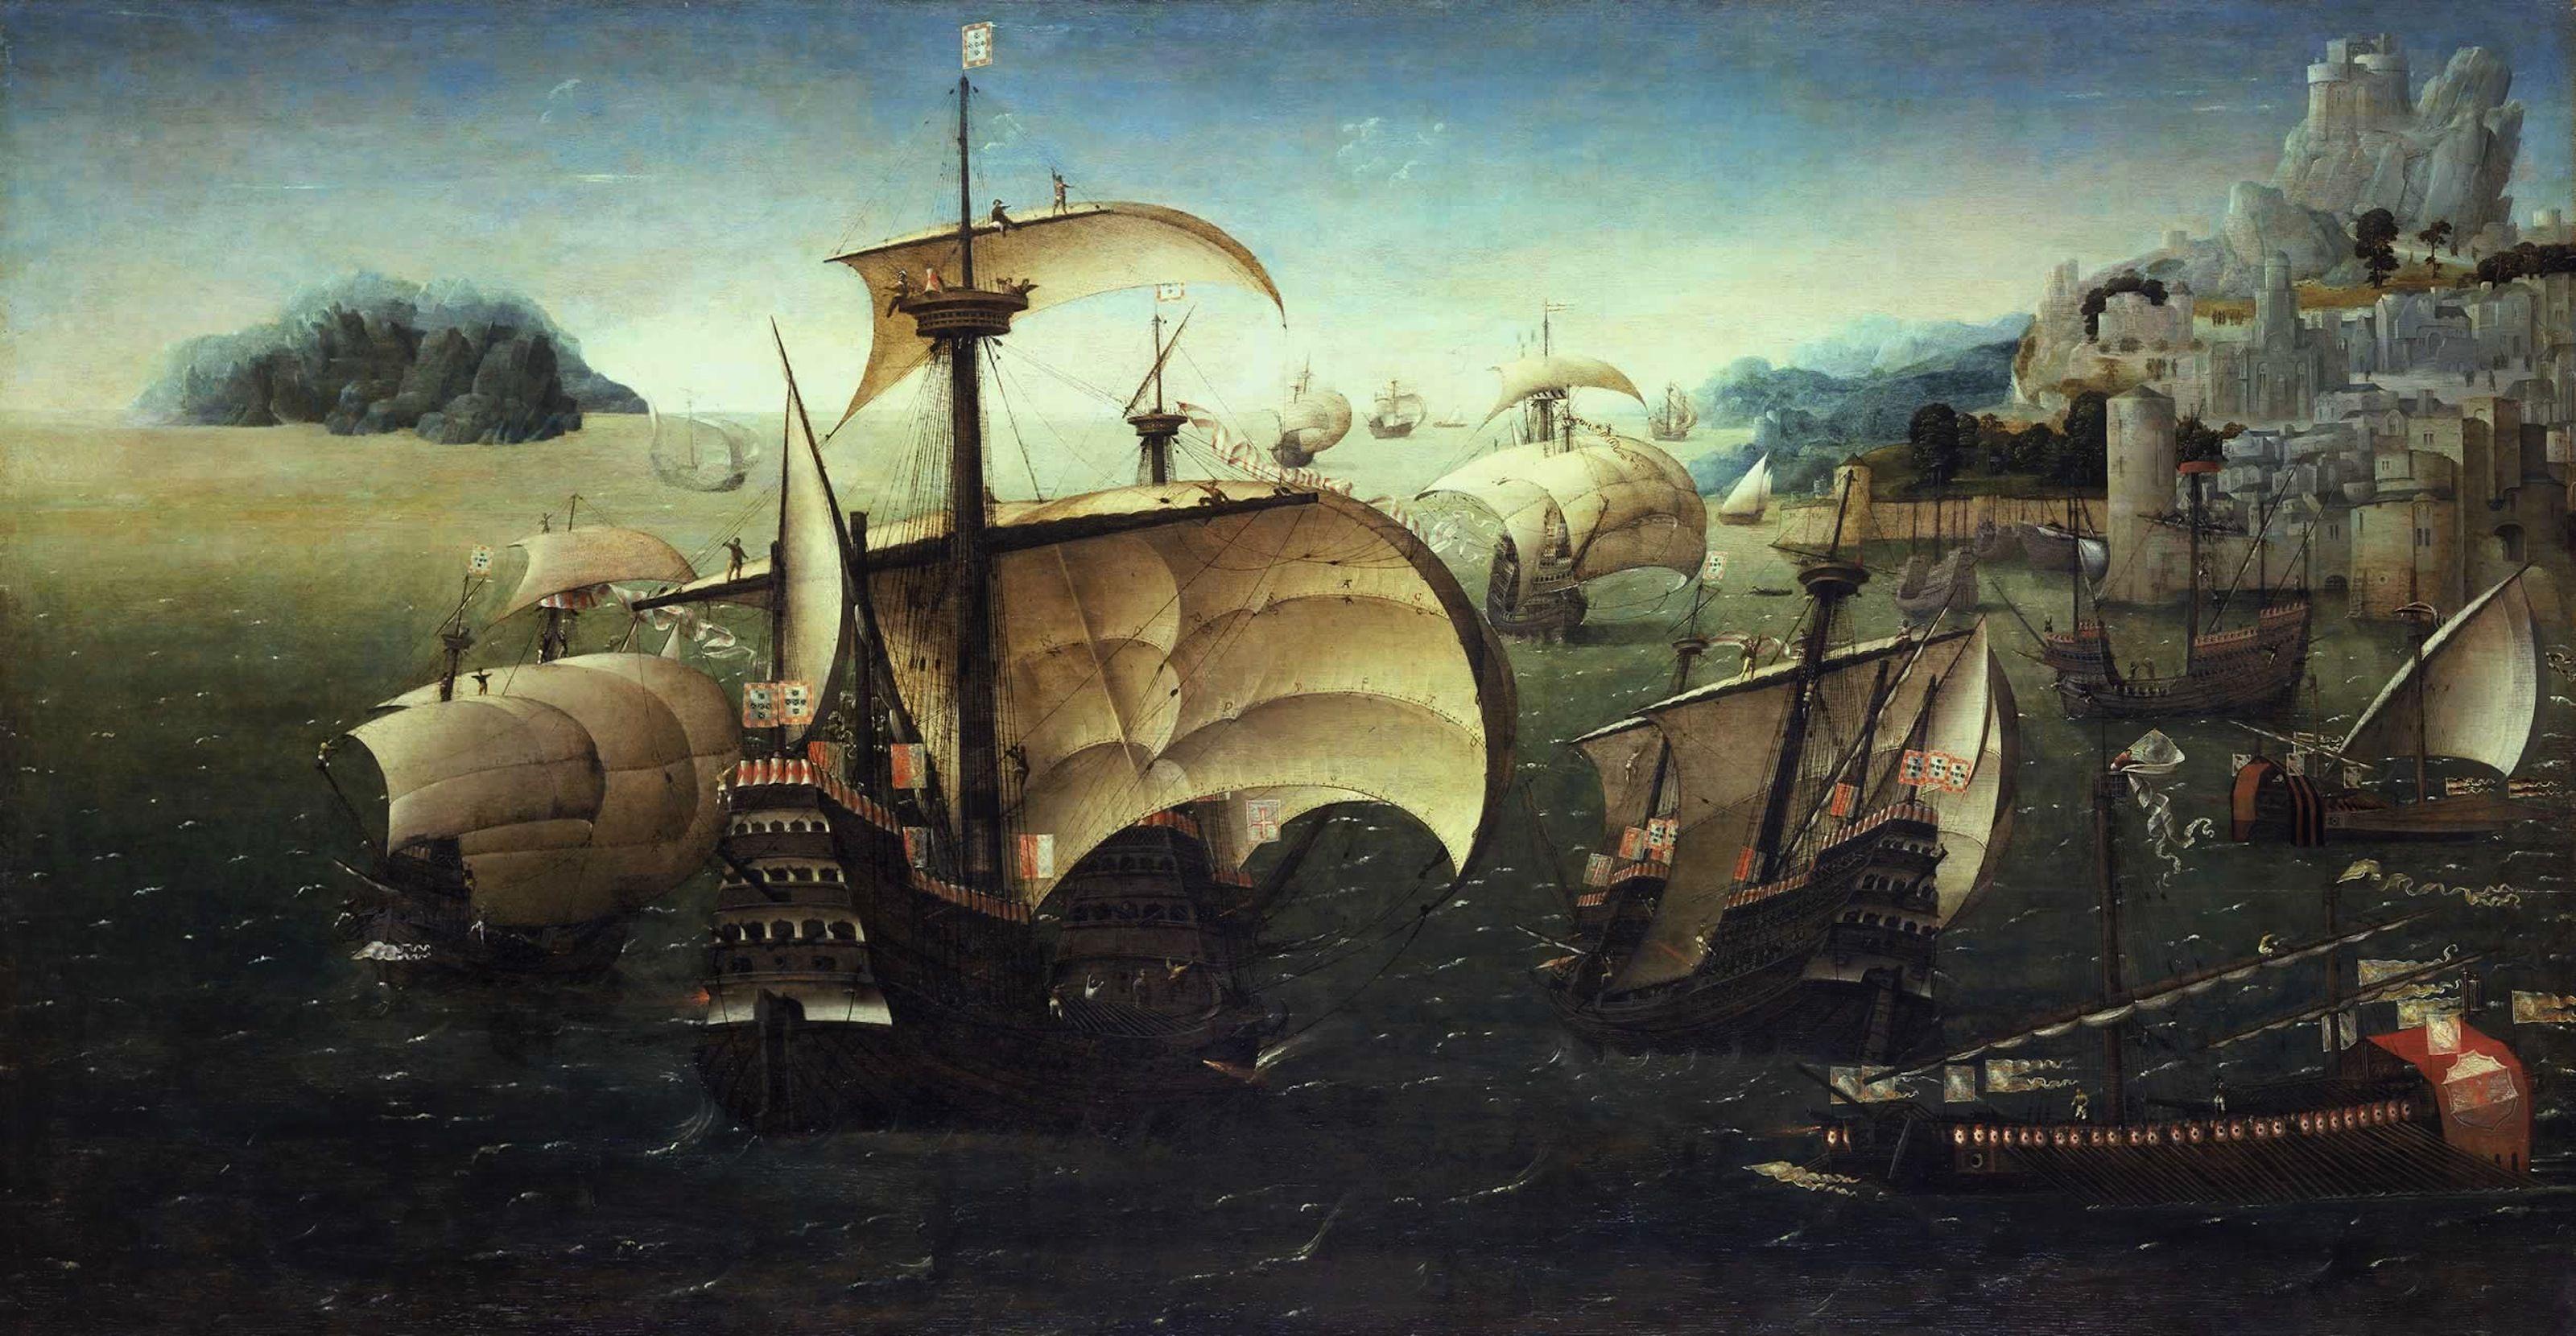 大航海時代の背景